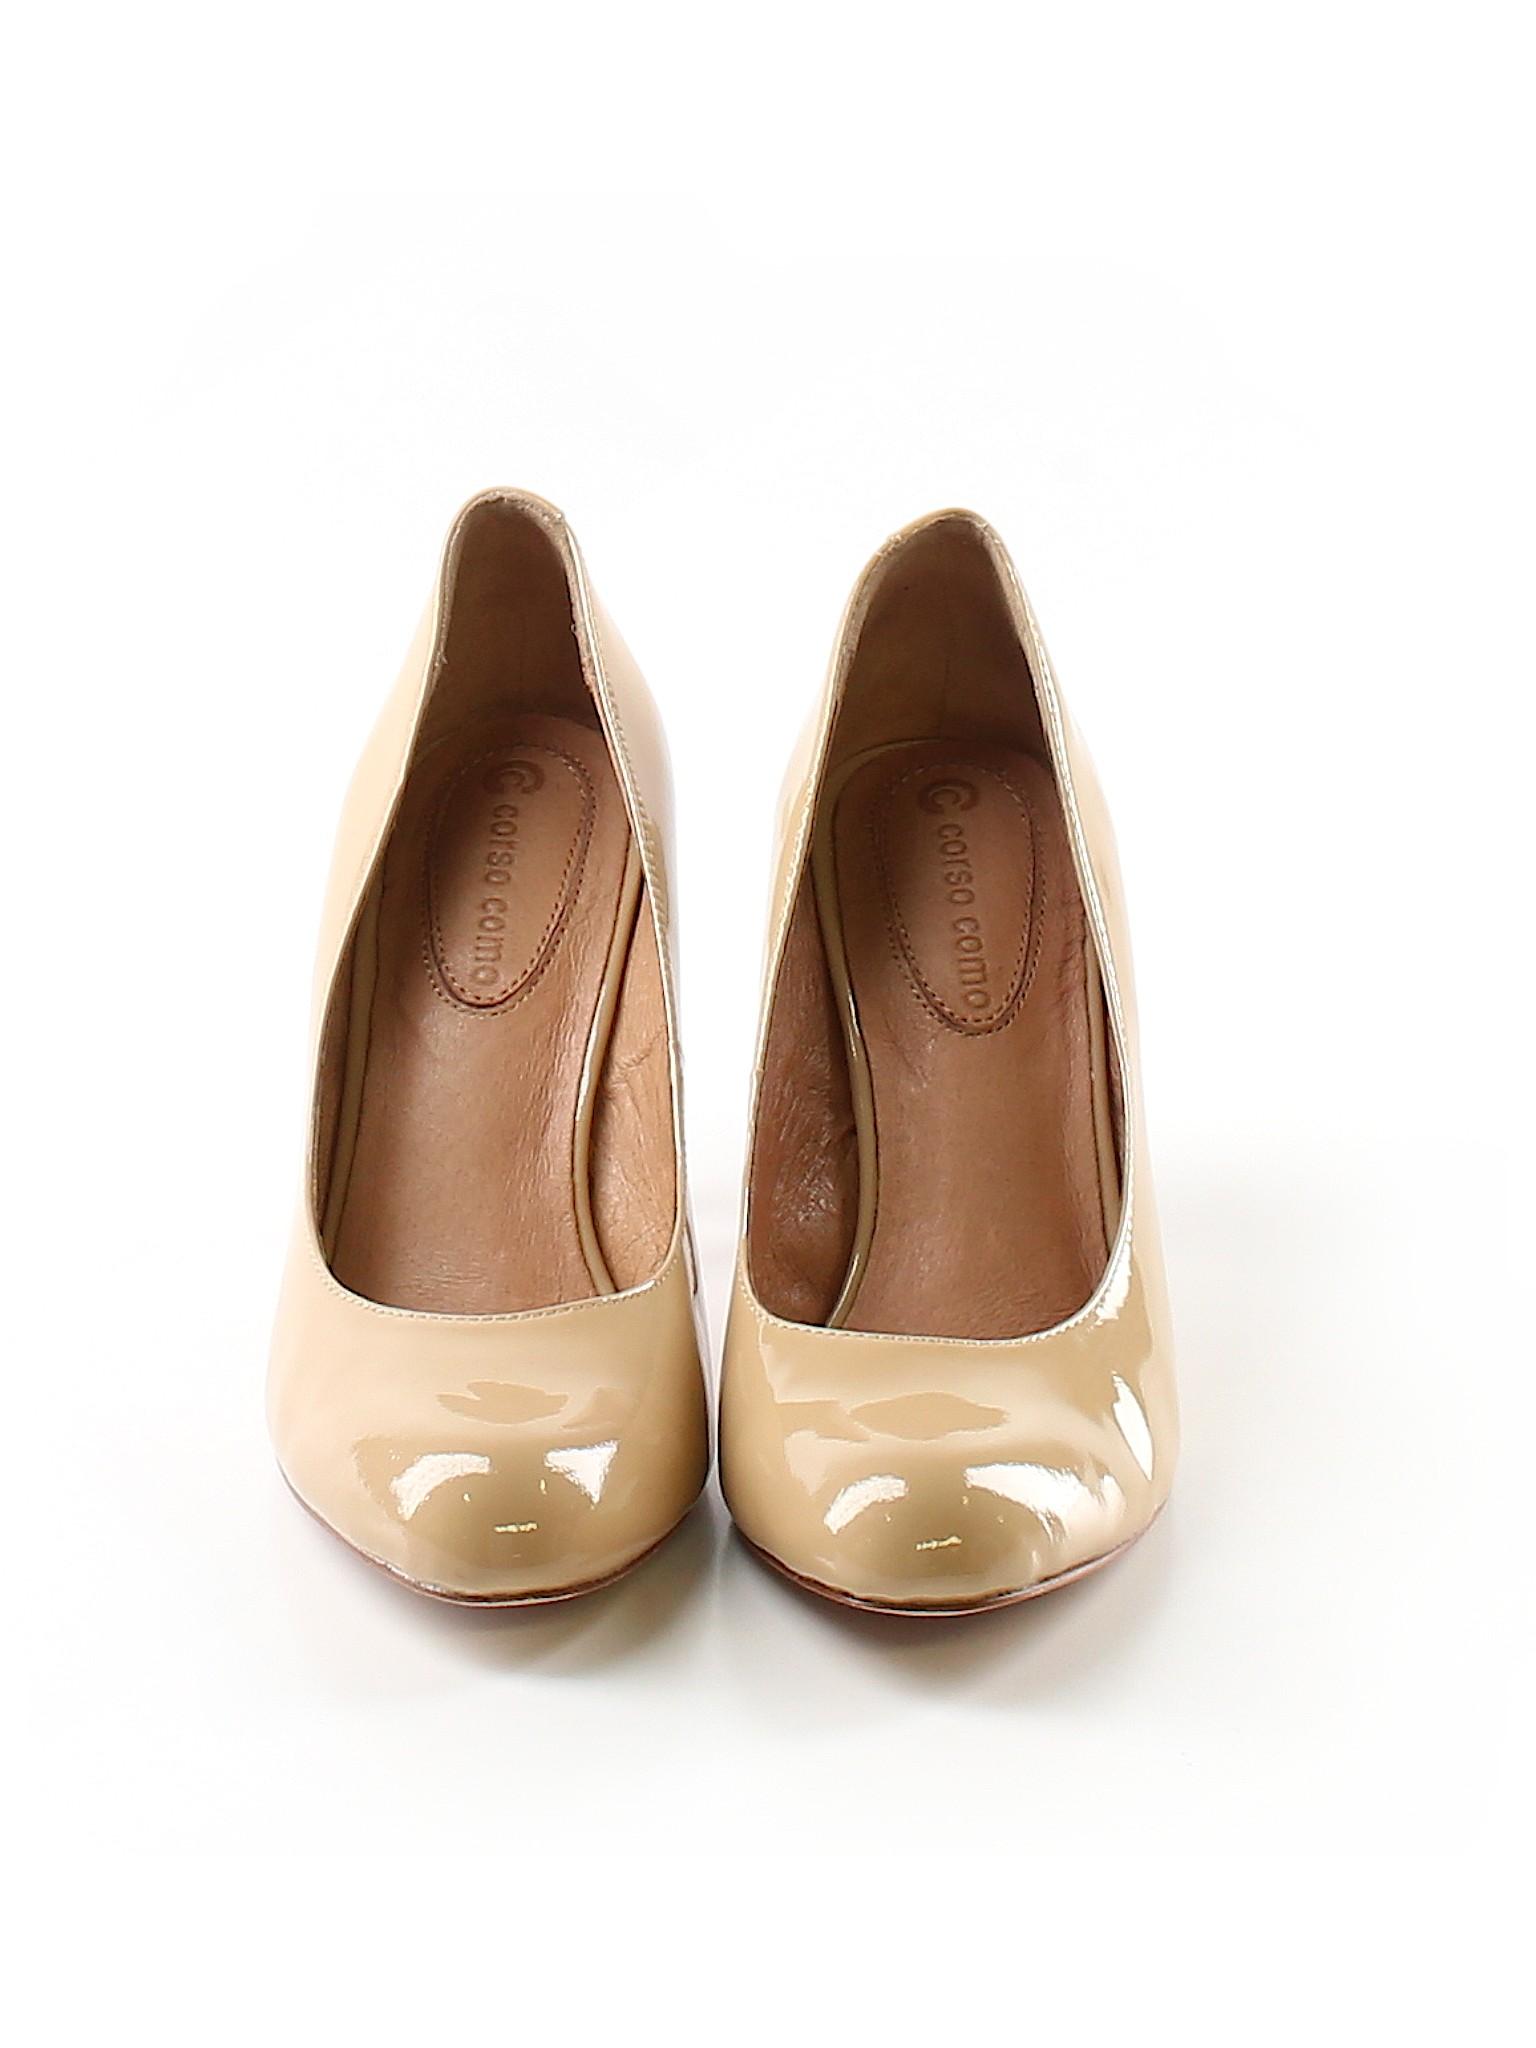 Boutique promotion Boutique Corso promotion Corso Como Heels Heels Como Corso promotion Boutique 0ZpwAq